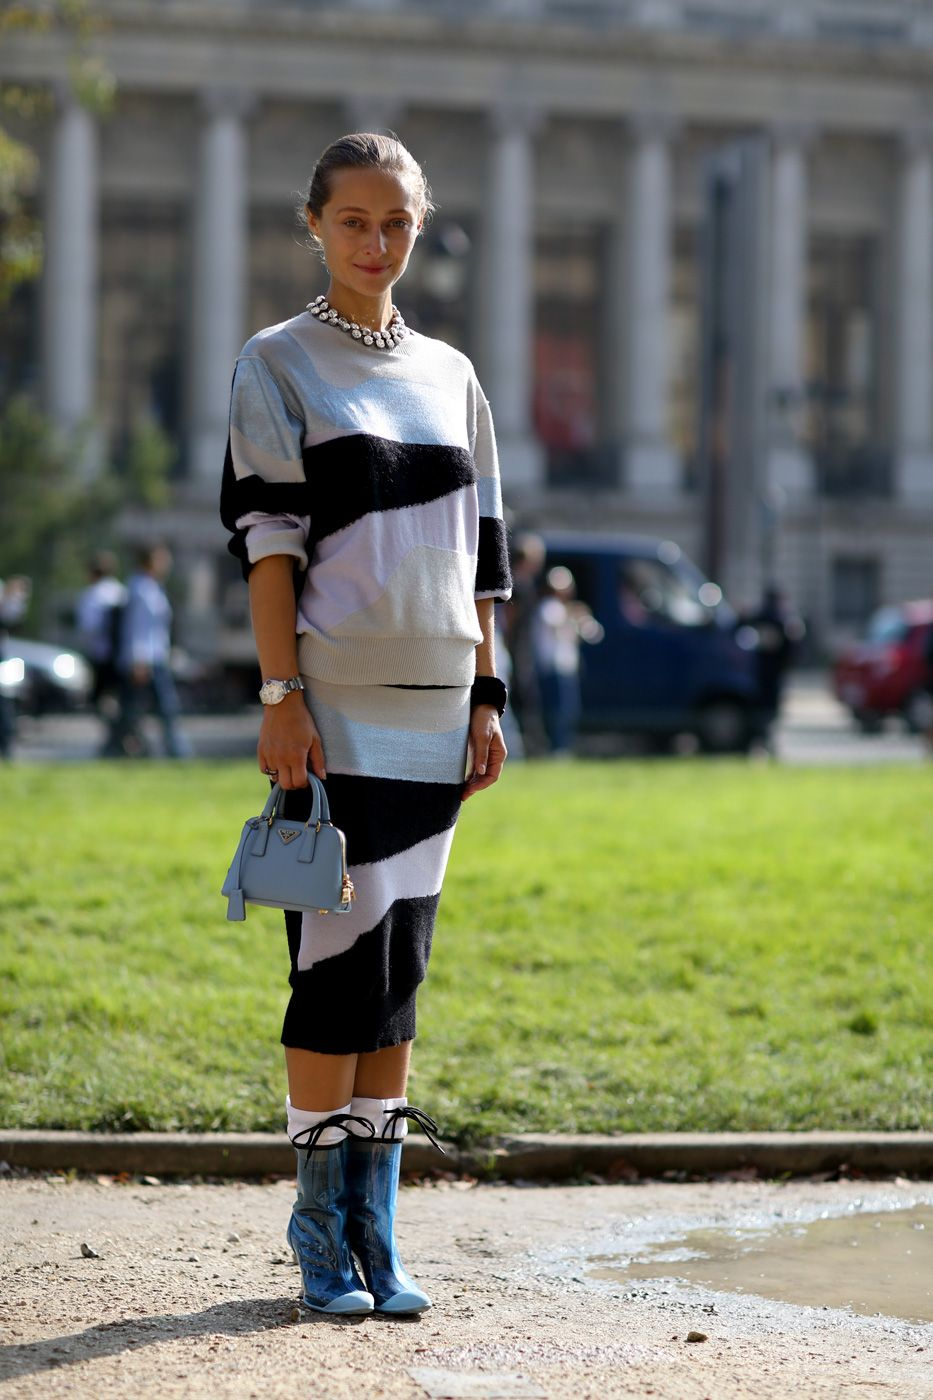 tres chic two piece. #DariaShapovalova in Paris.